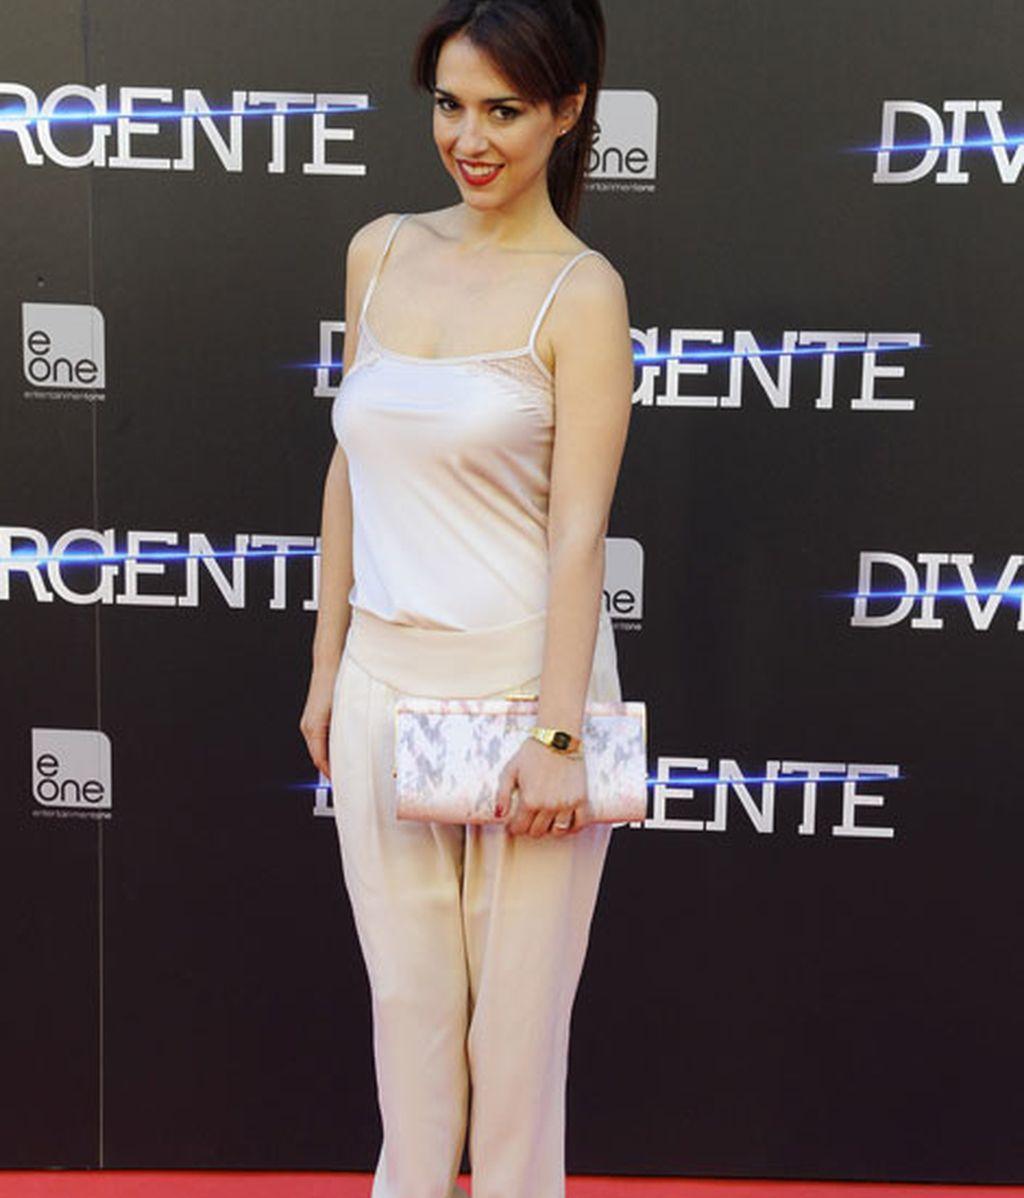 Cristina Brondo presenció la locura de los fans en el estreno de 'Divergence'